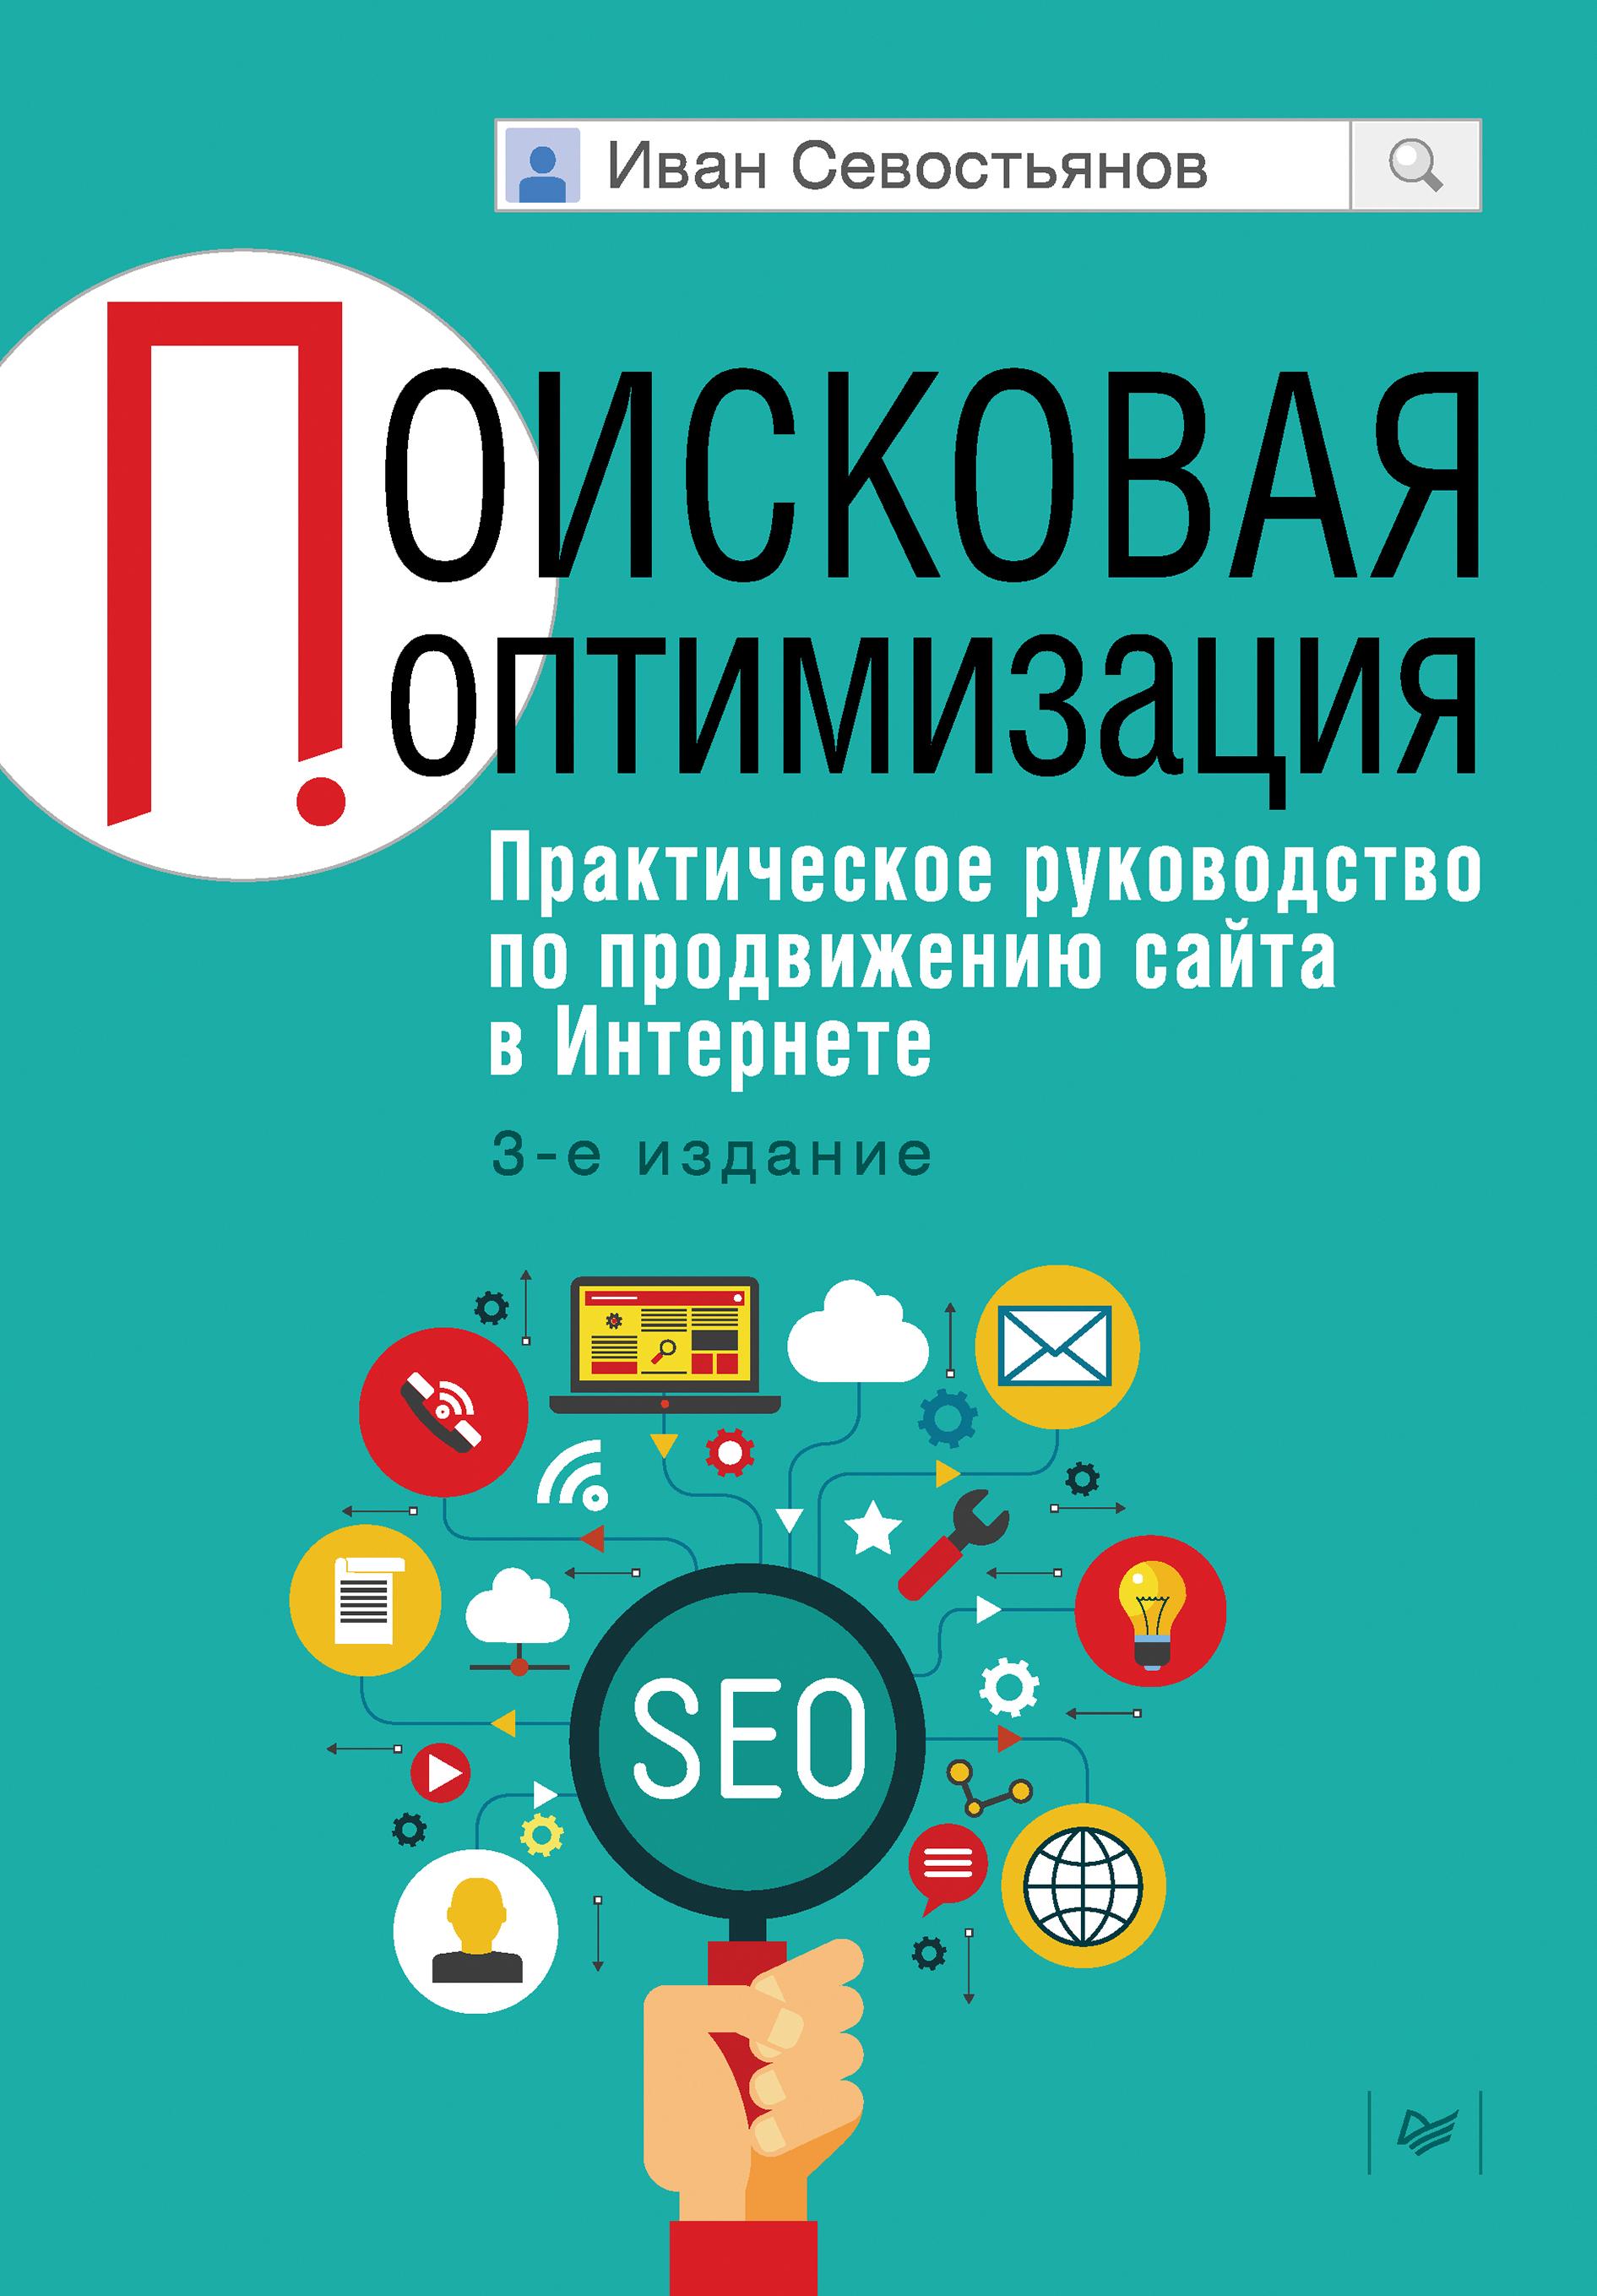 Поисковая оптимизация сайта pdf качественные ссылки на сайт Автозаводская (14 линия)